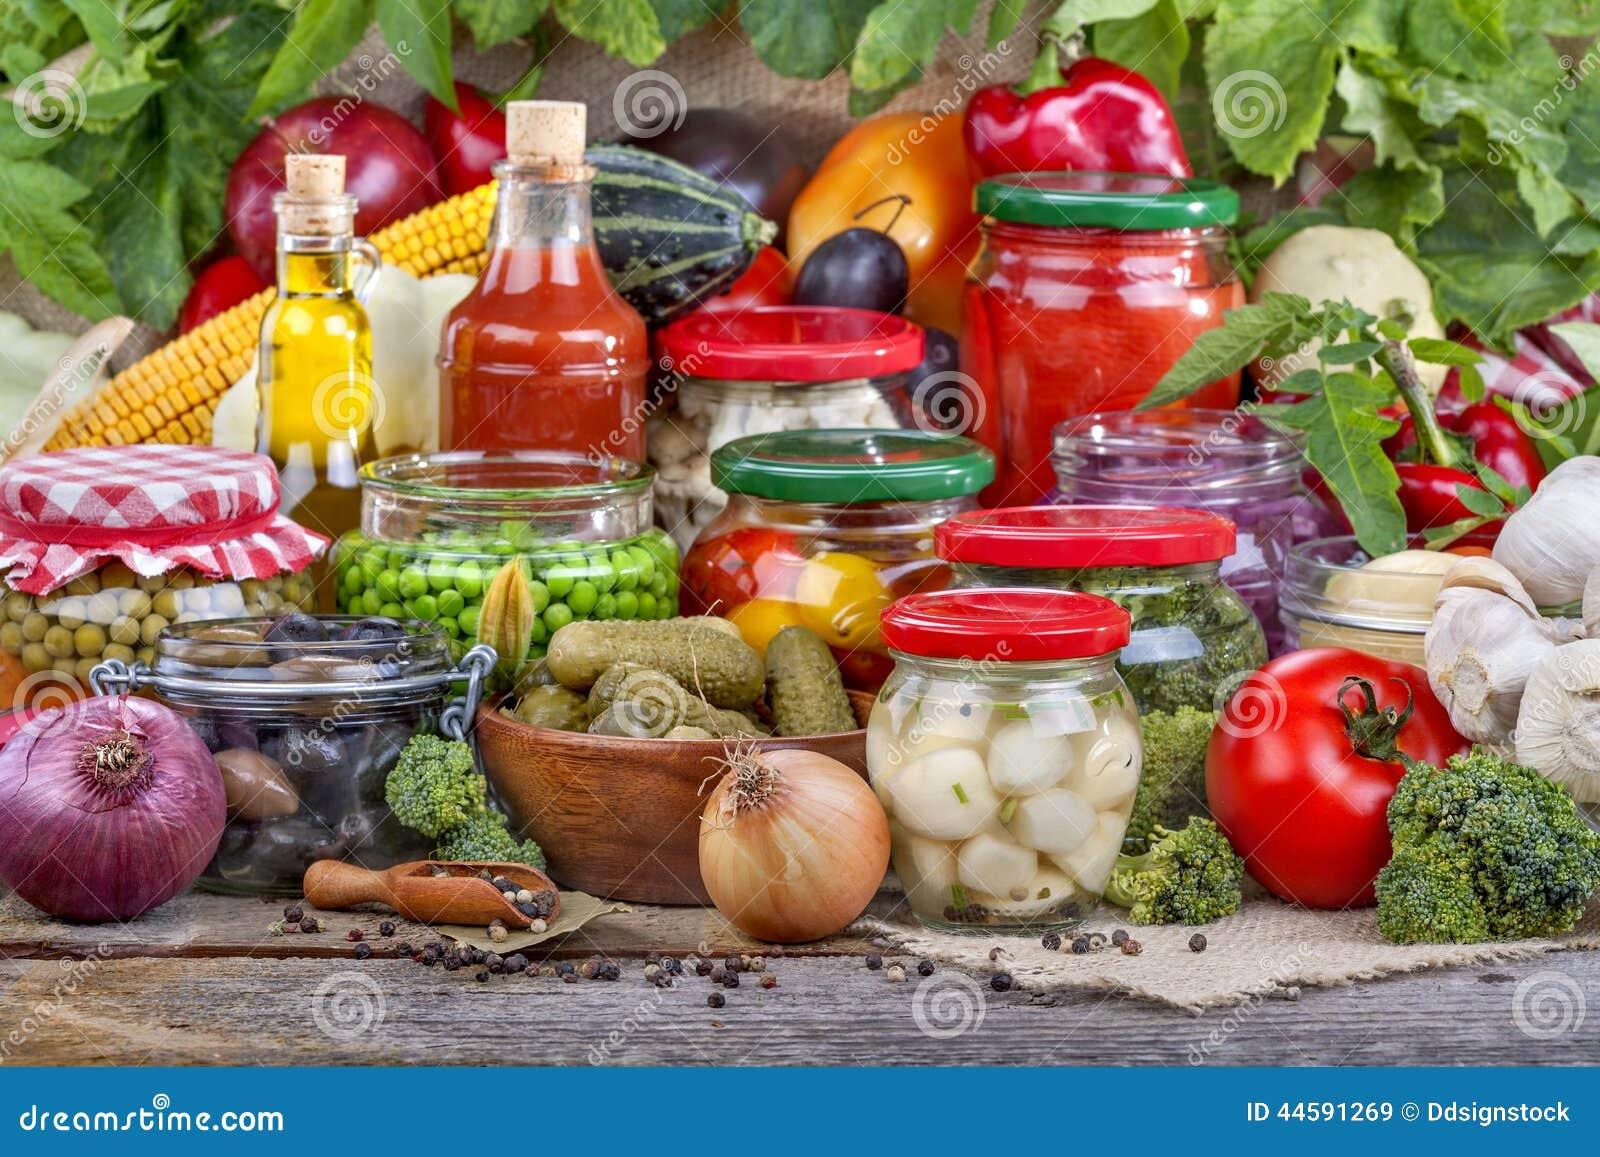 Συντήρηση των φρούτων και λαχανικών